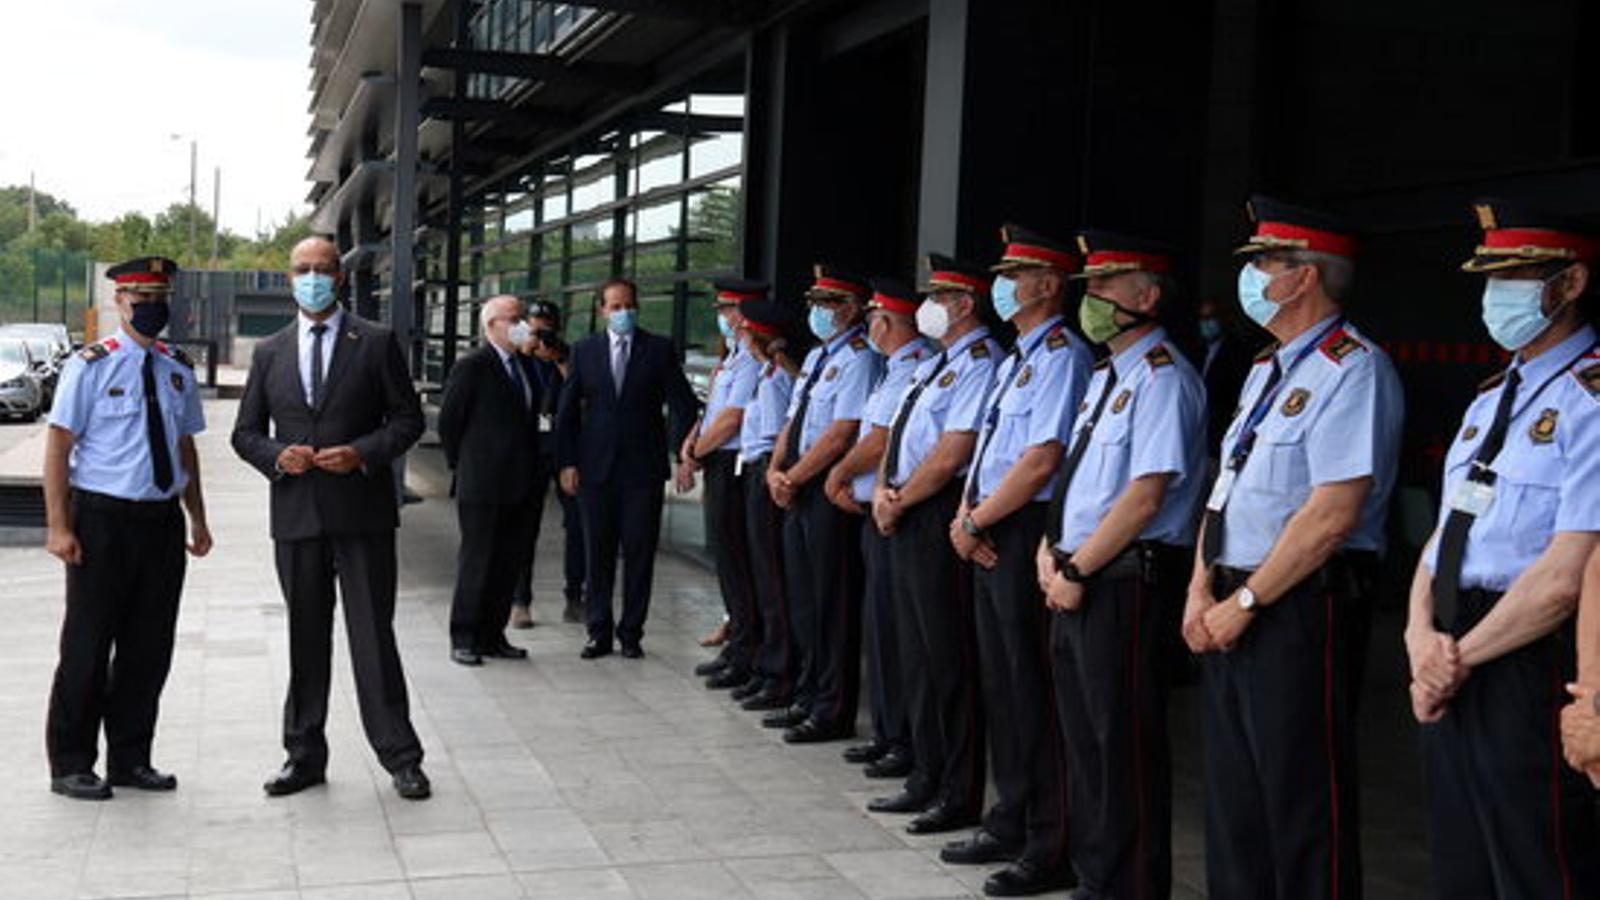 El conseller d'Interior, Miquel Buch, davant de diversos comissaris dels Mossos, en formació, abans de la presentació de l'auditoria / POL SOLÀ (ACN)